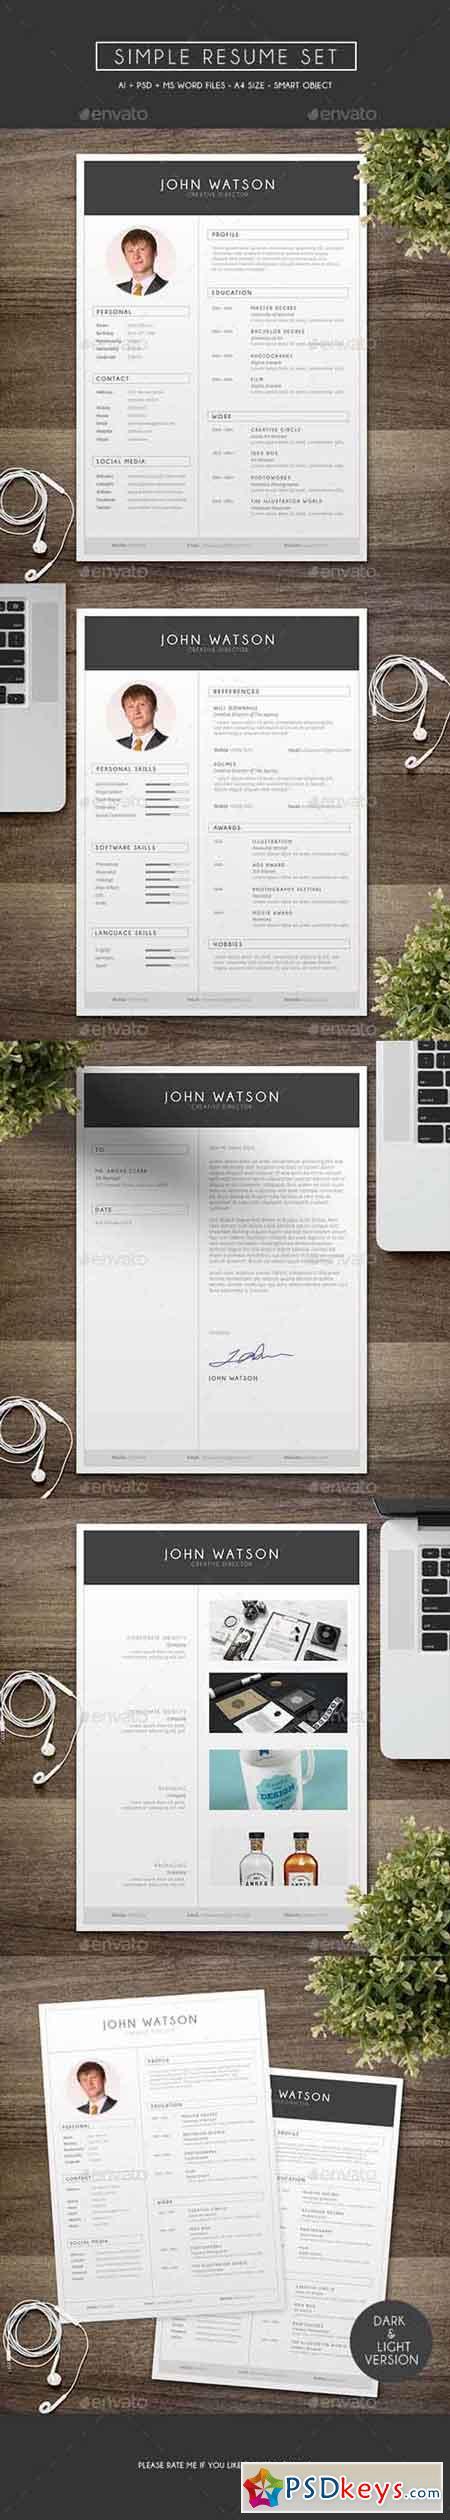 Simple Resume Set 13607824